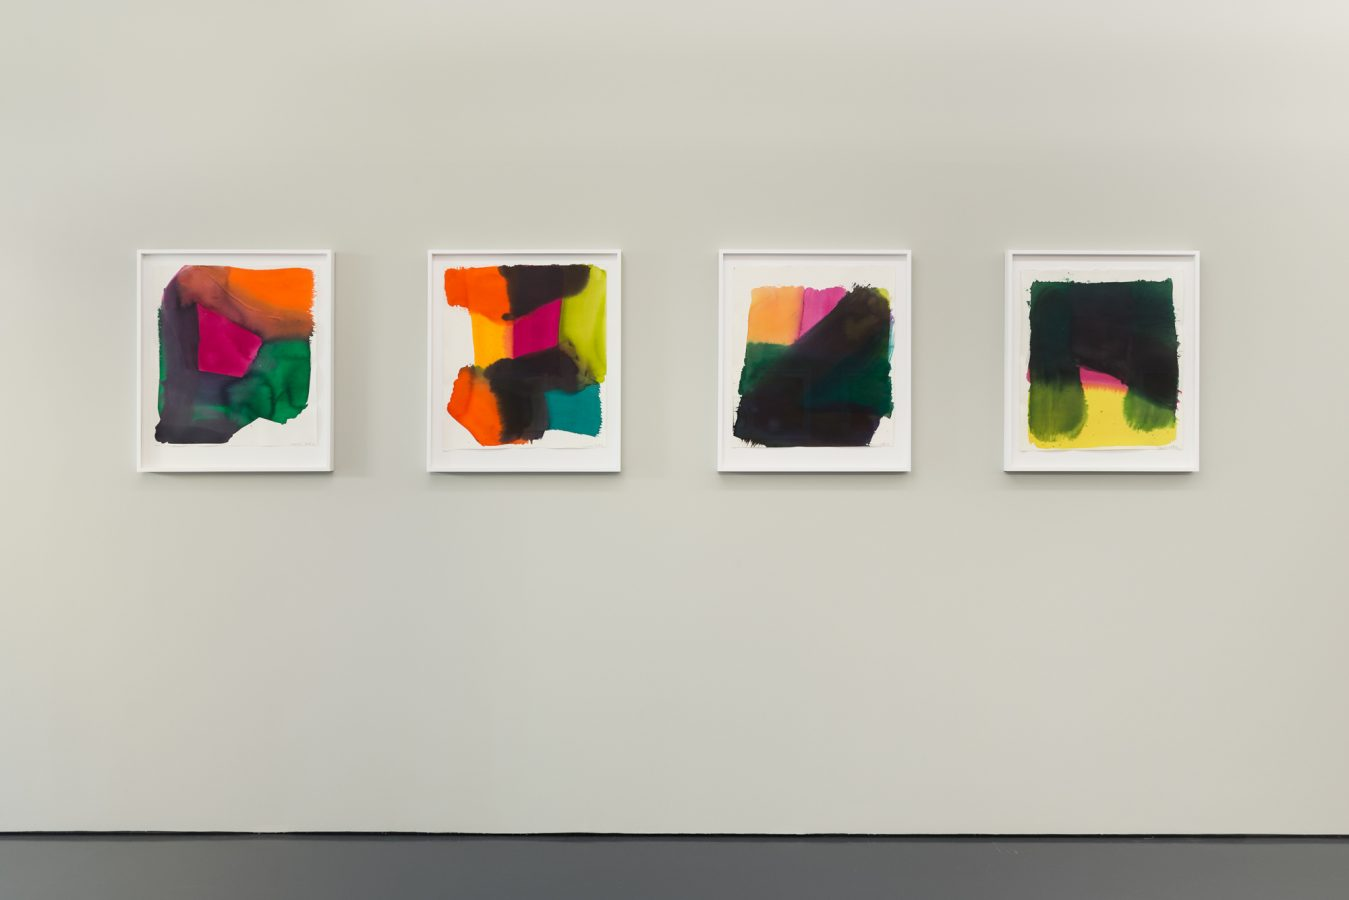 Galeria Pedro Cera – Yves Oppenheim -